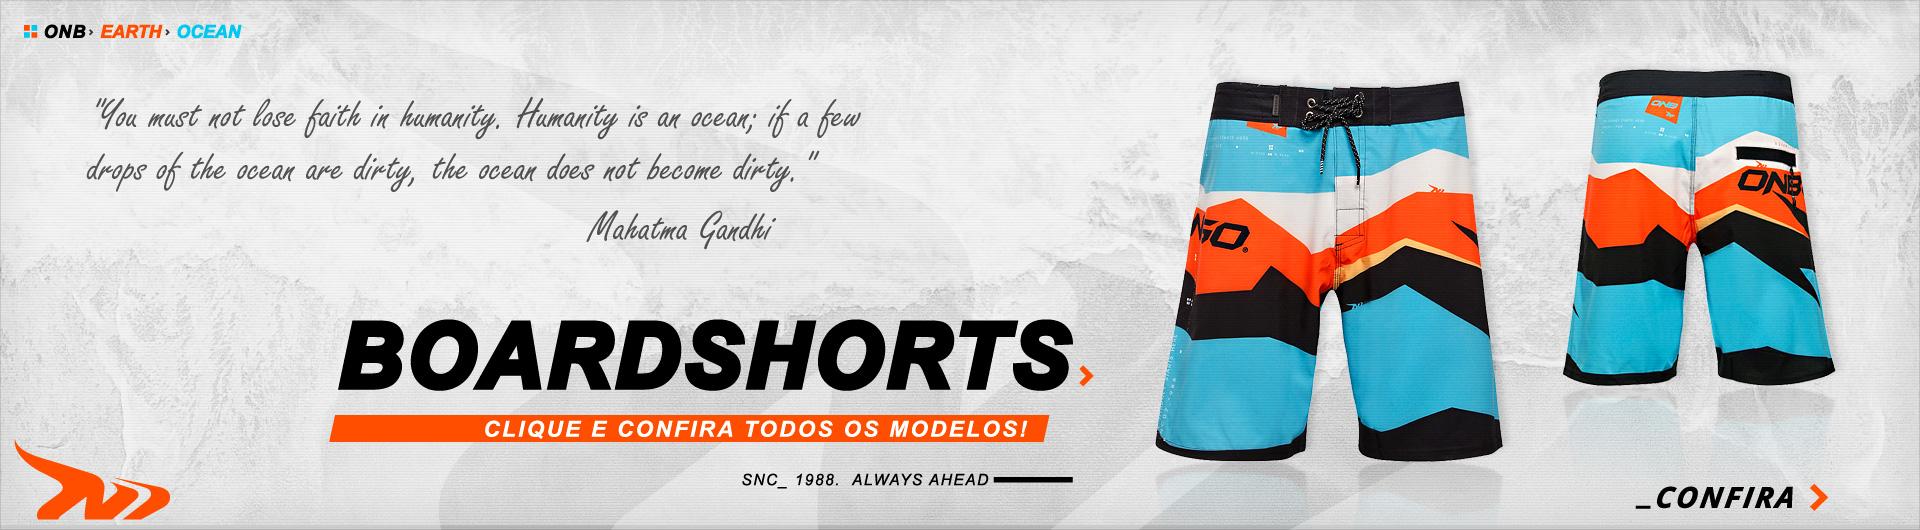 Boardshorts Onbongo - Always Ahead